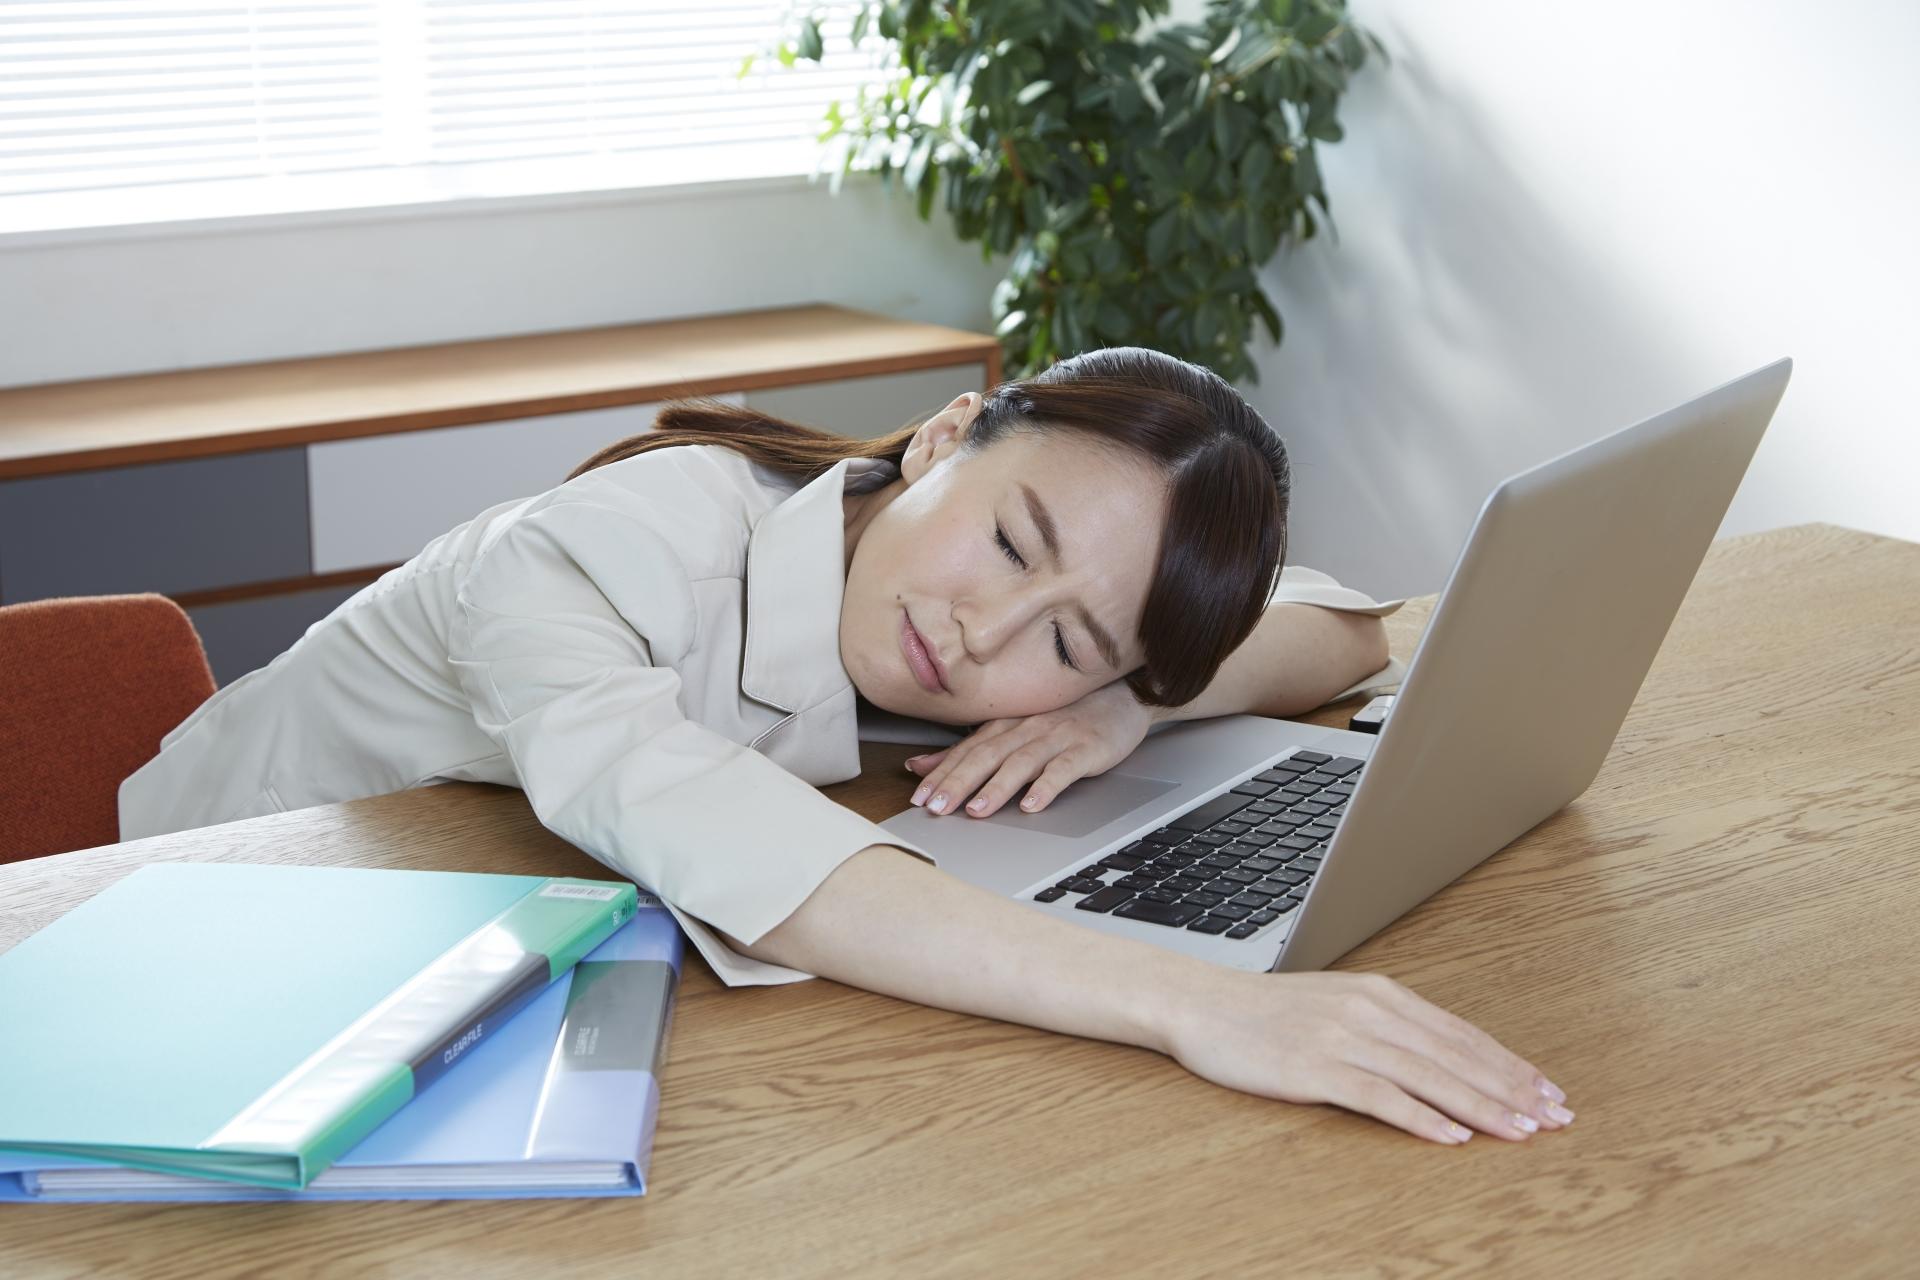 とにかく体がだるい…副腎疲労症候群の症状に治療法はある?